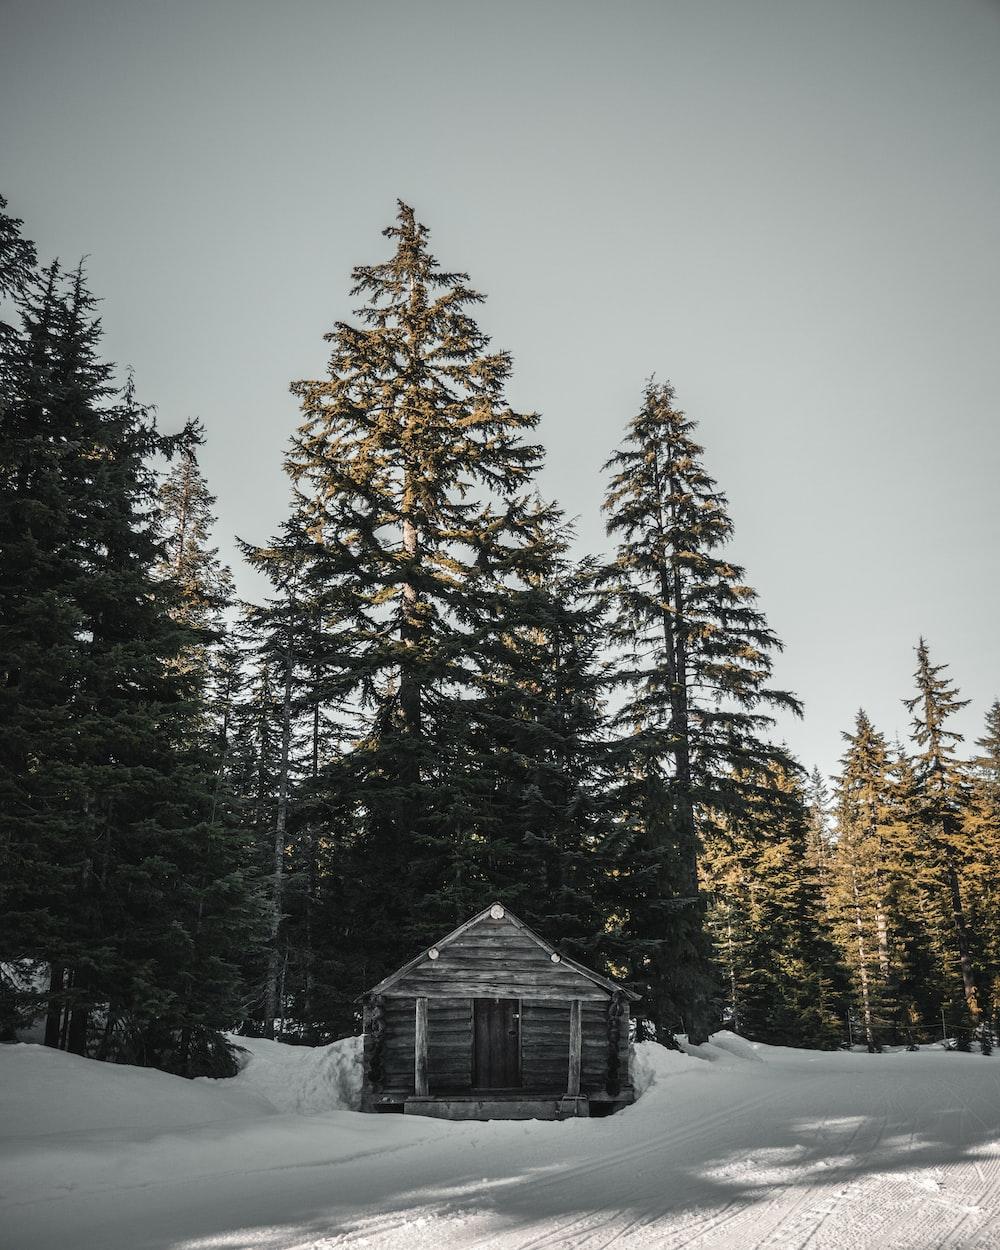 house near tree